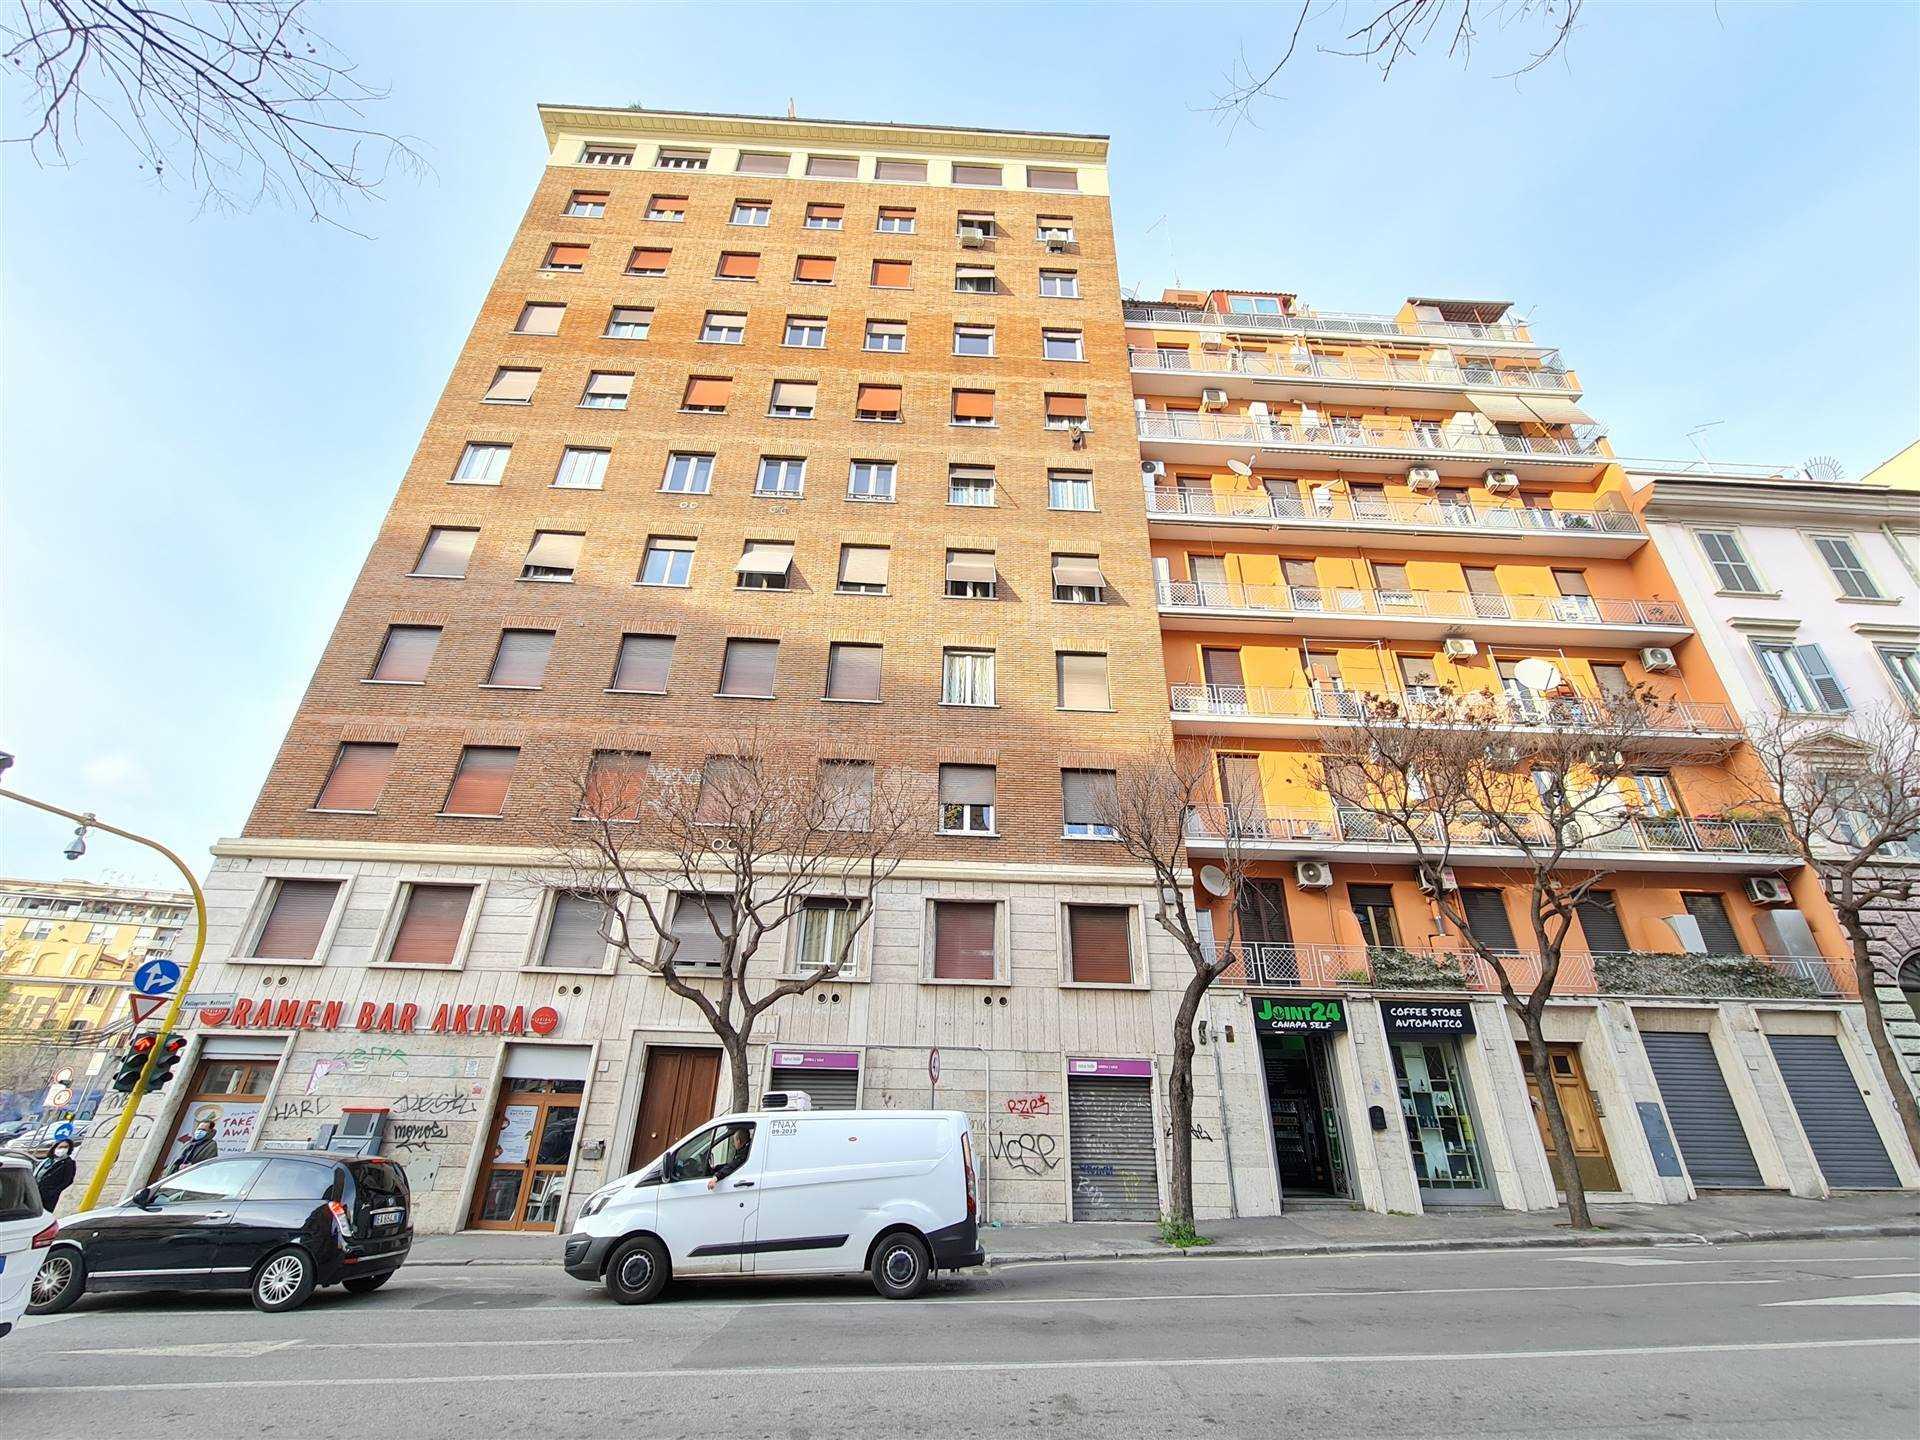 OSTIENSE, ROMA, precisamente in Via Pellegrino Matteucci, proponiamo stanze arredate con uso comune di bagno e cucina, le stanze sono 2 piu' una